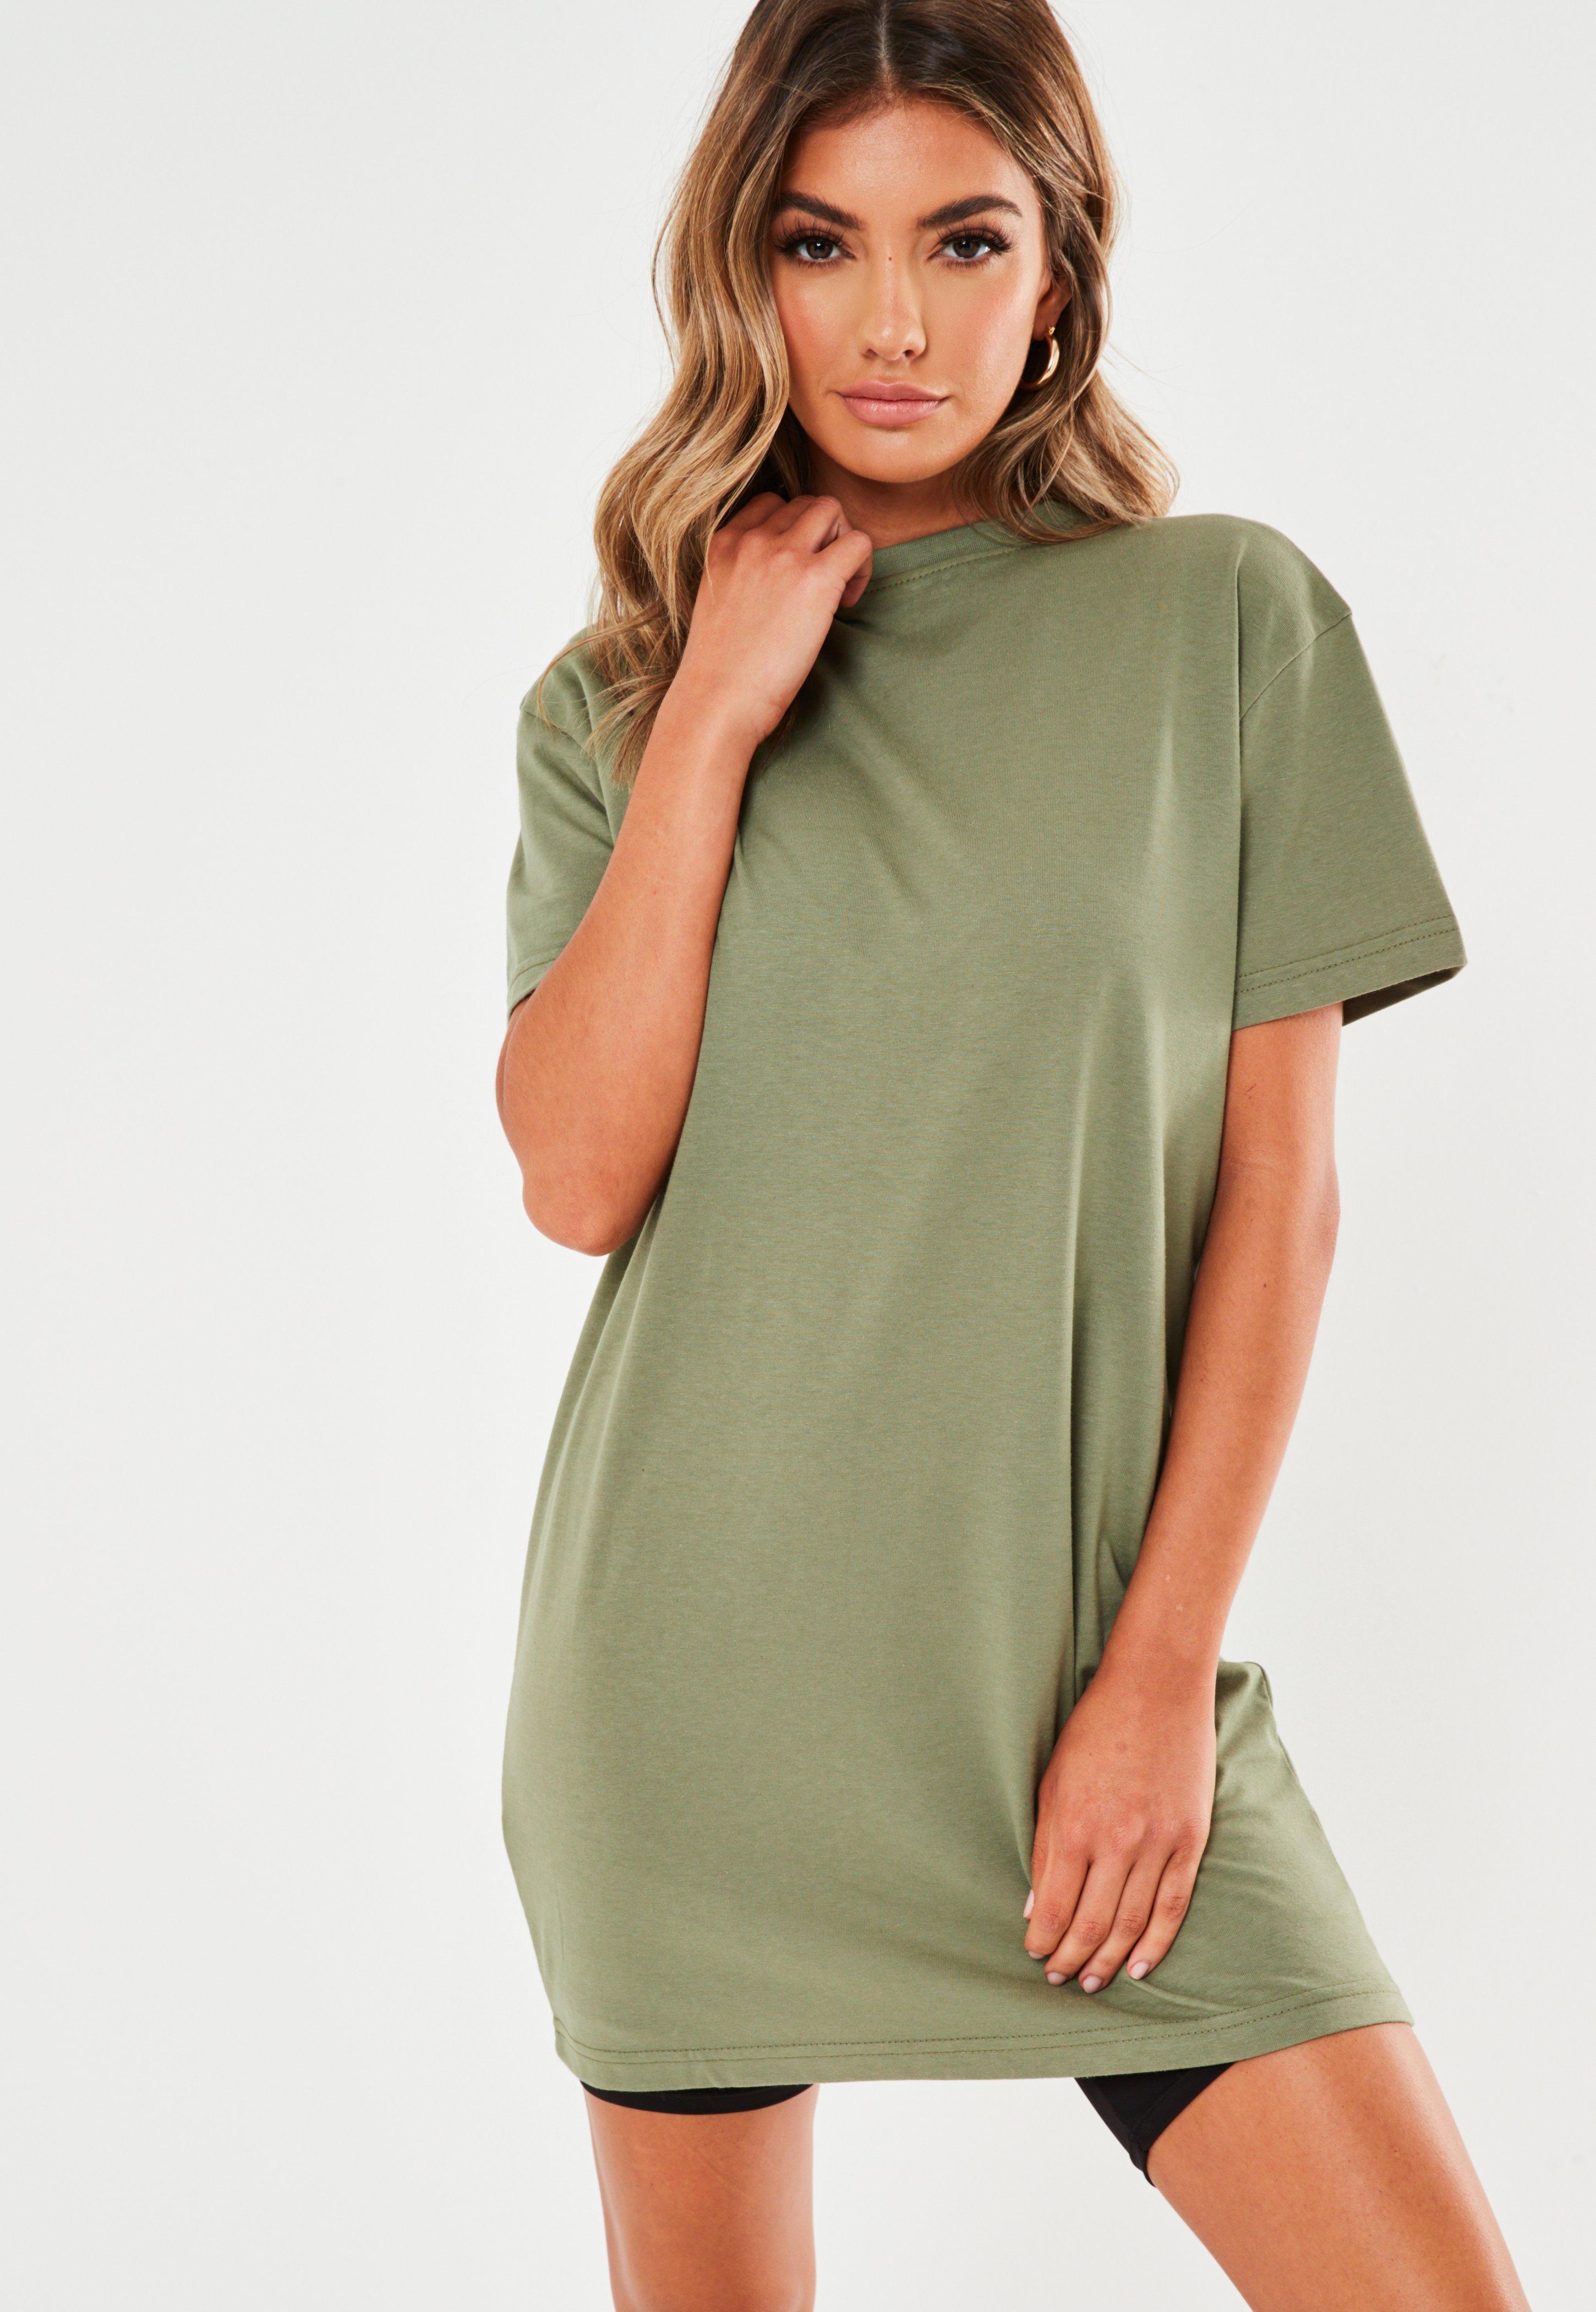 petite tee shirt dresses